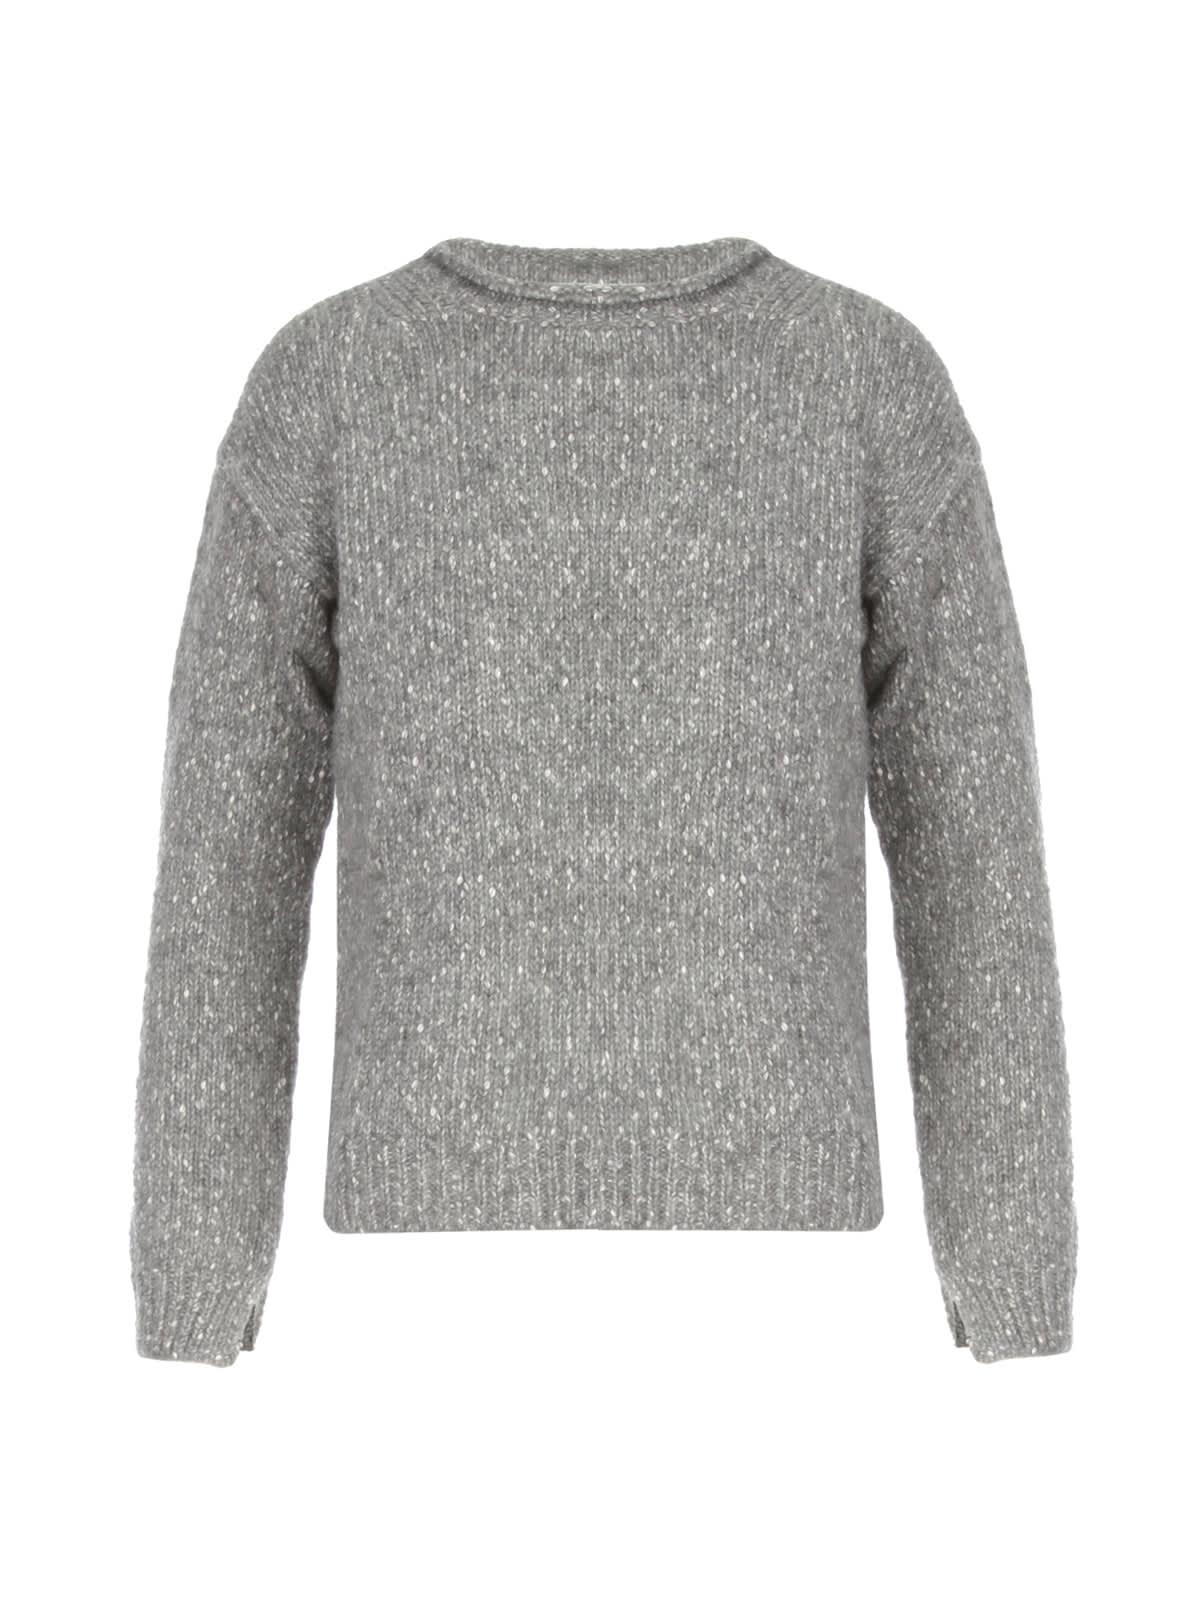 Crew Neck Sweater W/pokcet